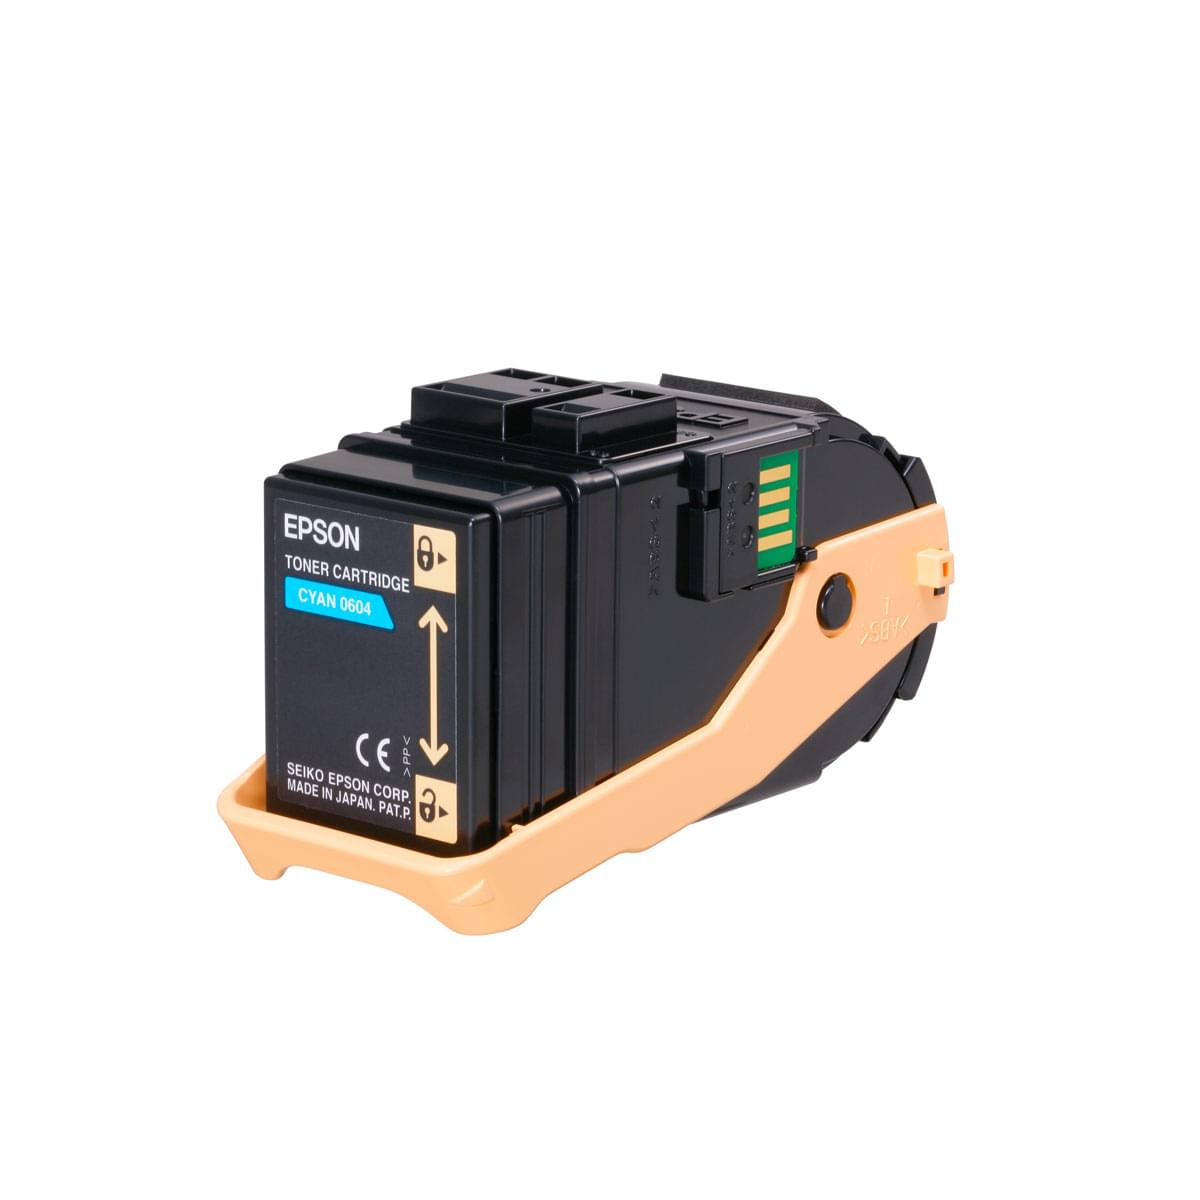 Epson Toner Cyan 7500p (C13S050604) - Achat / Vente Consommable Imprimante sur Cybertek.fr - 0